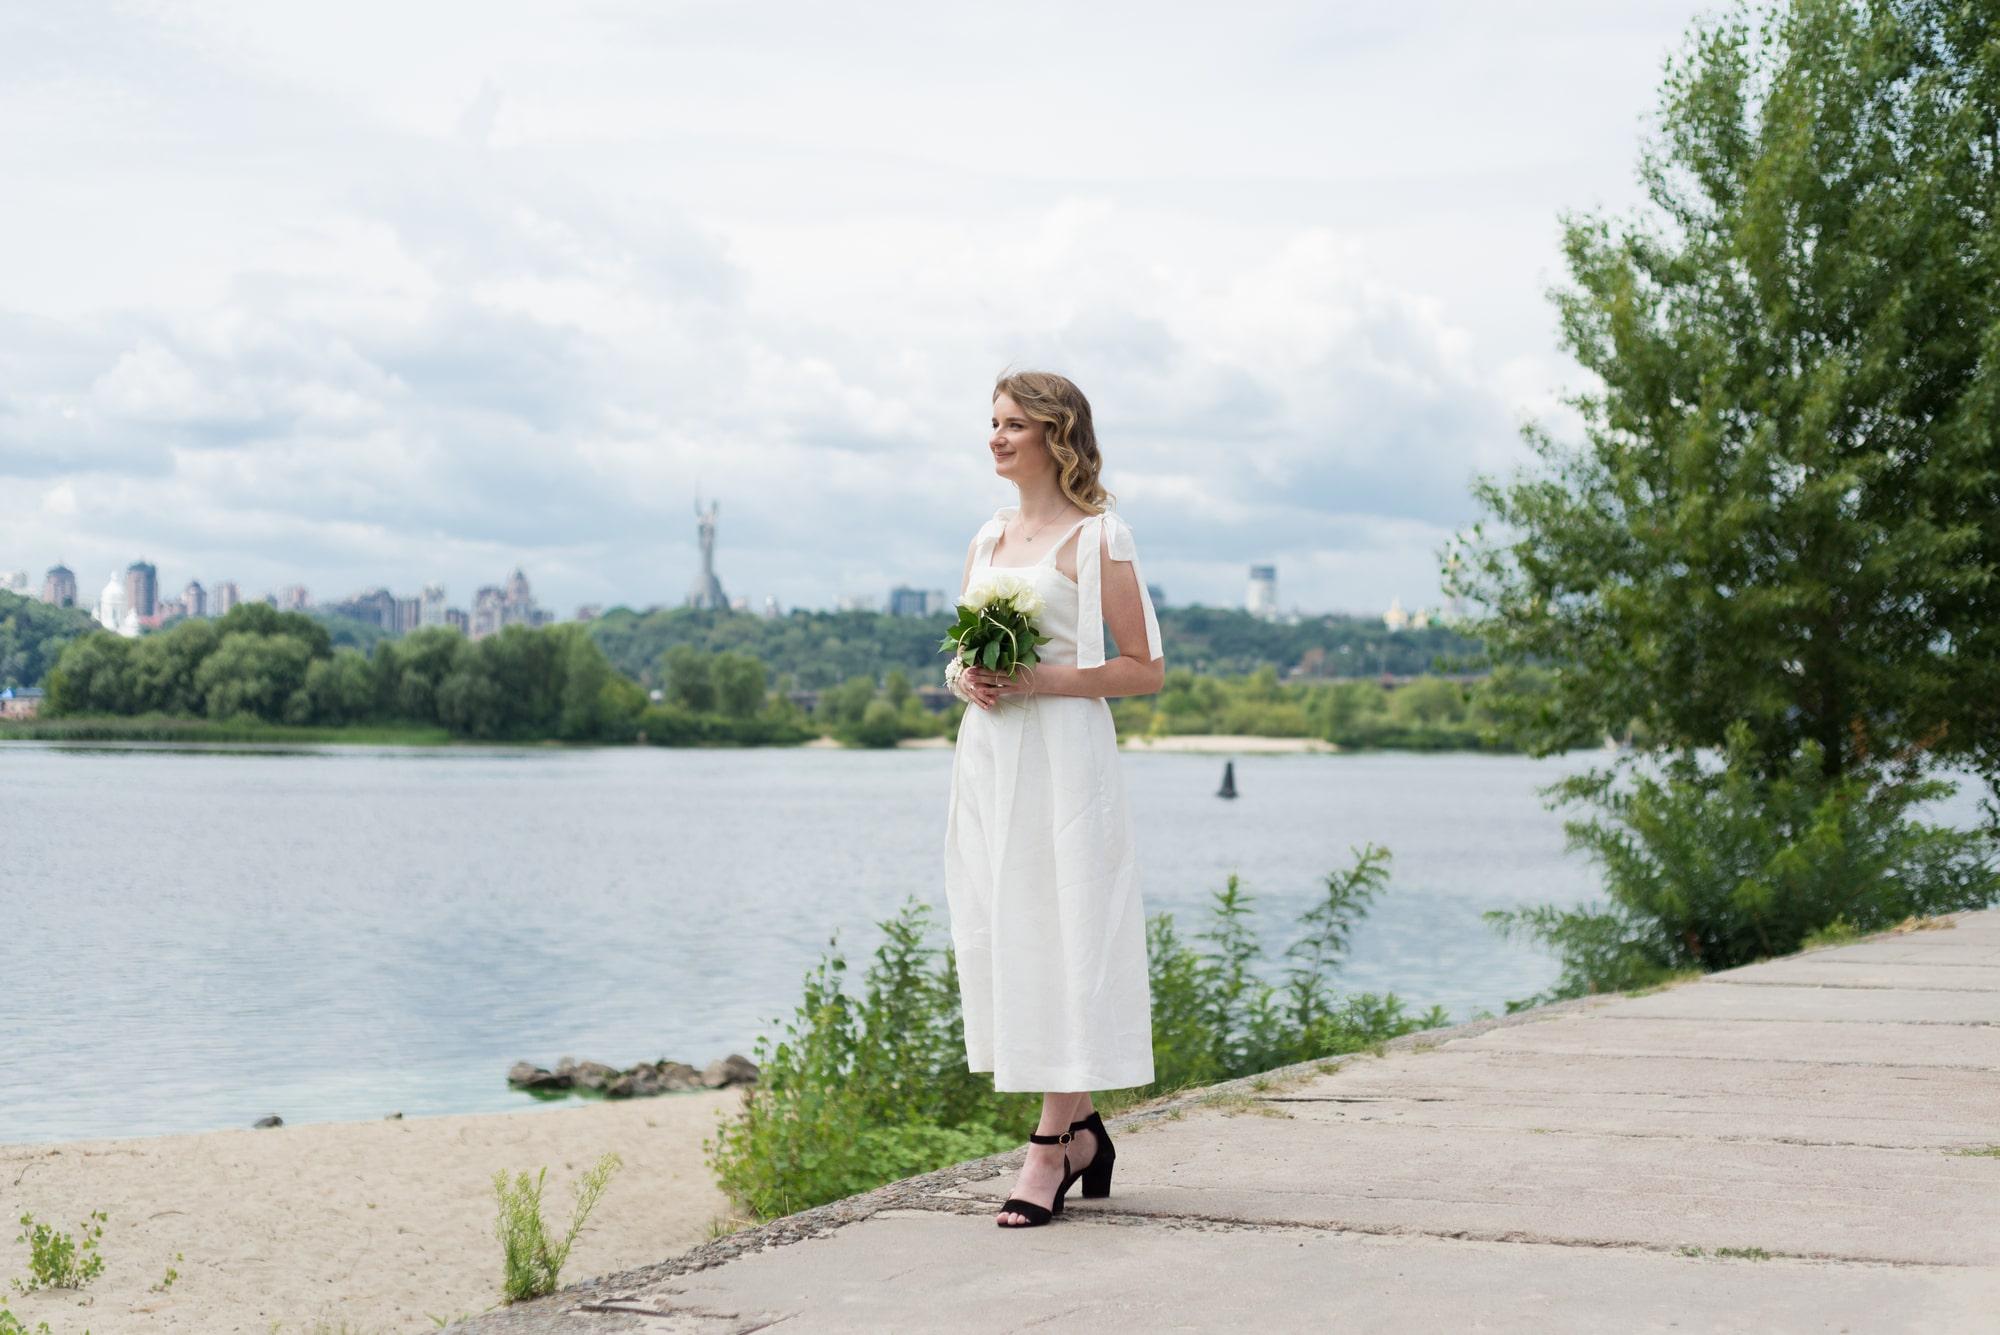 Фотосессия свадебная возле Днепра - невеста смотрит вдаль